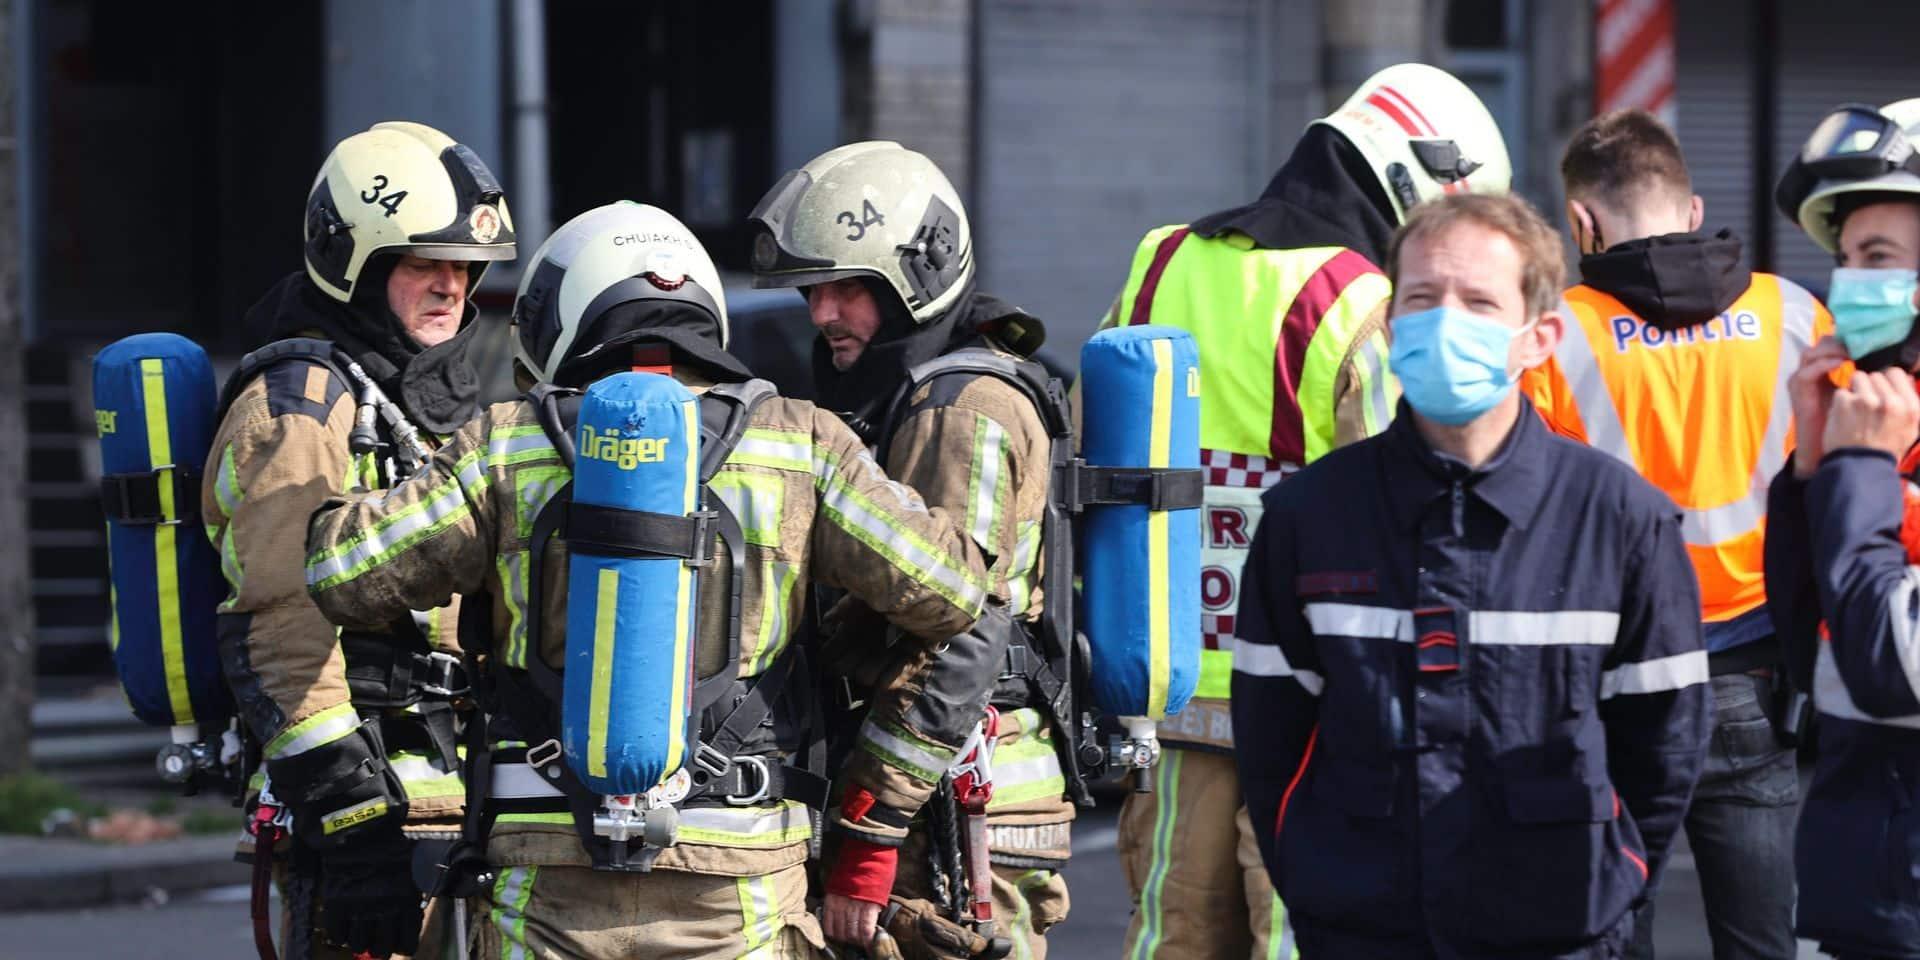 Incendie à Anderlecht: deux corps sans vie retrouvés dans les décombres